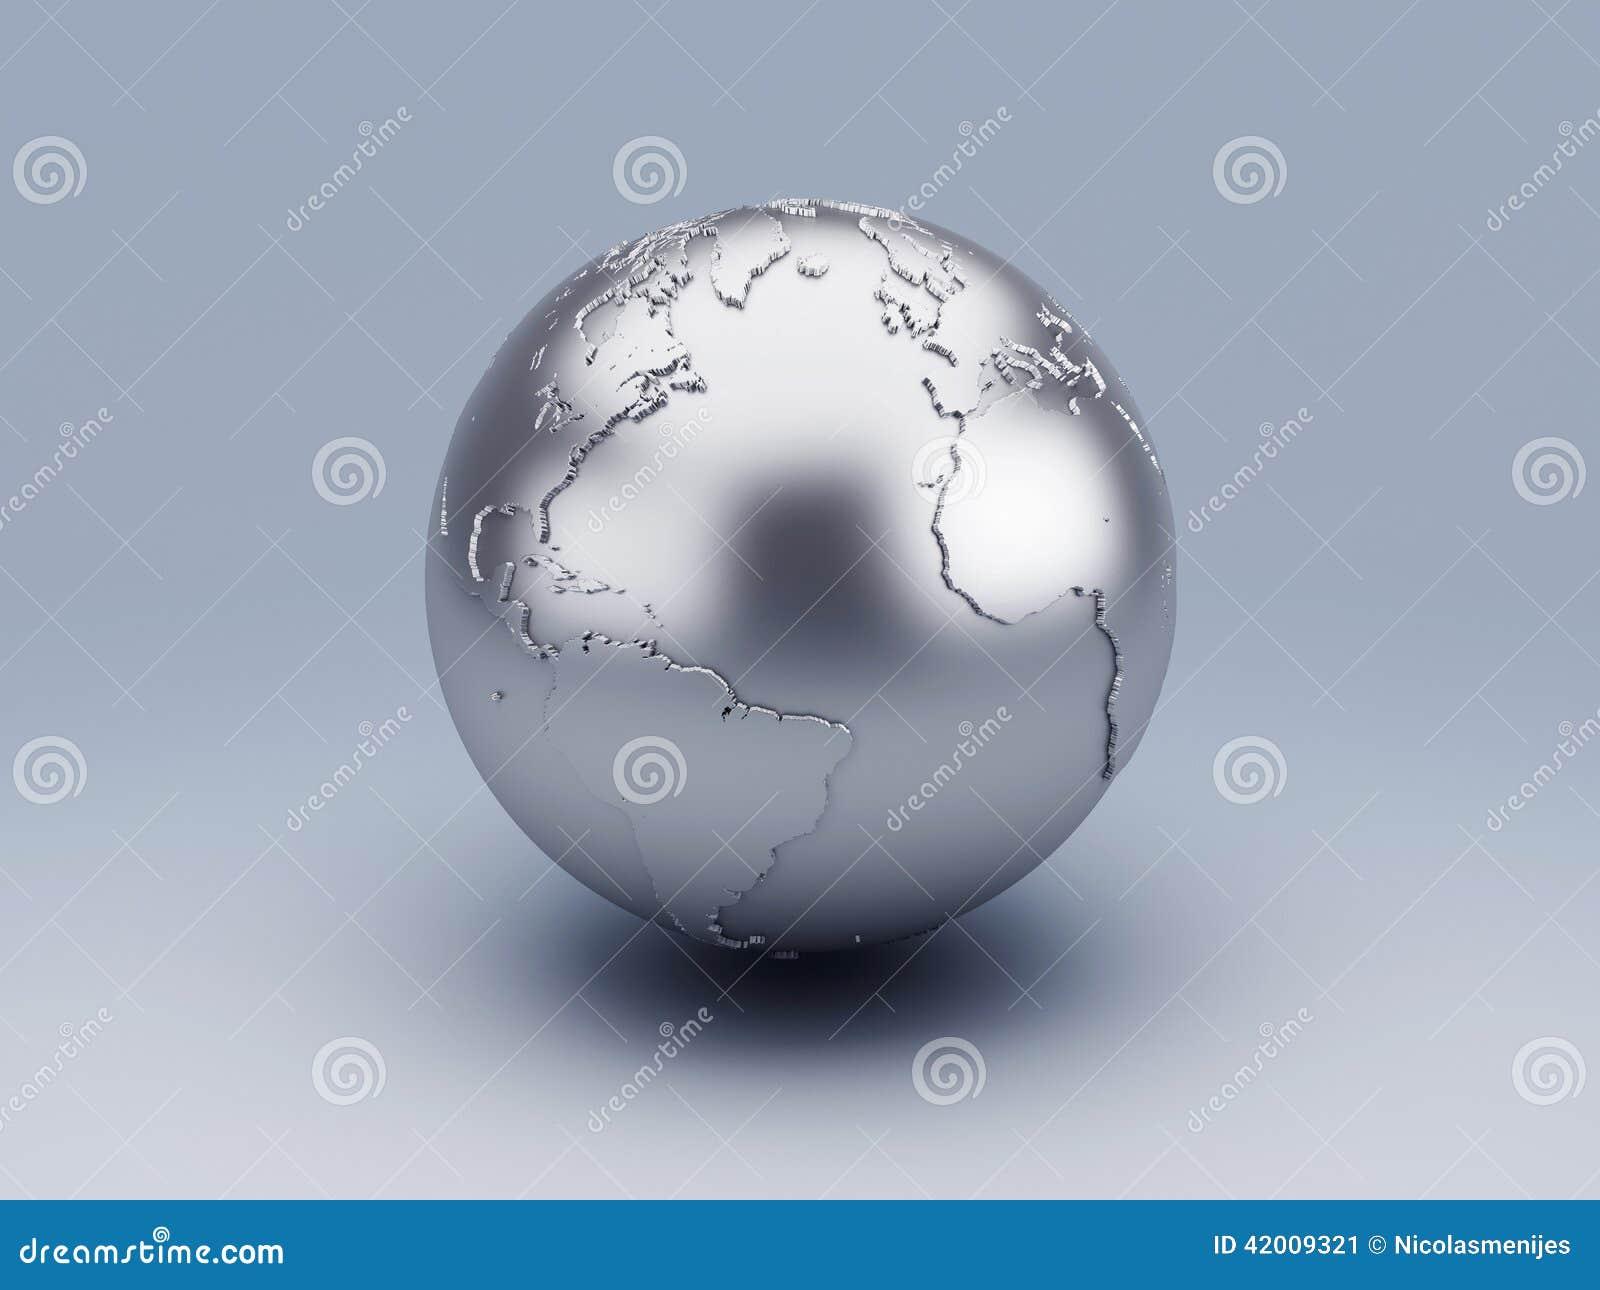 Wunderbar Weltkugel 3d Dekoration Von Pattern Metallische Stock Abbildung. Tration Von Schatten